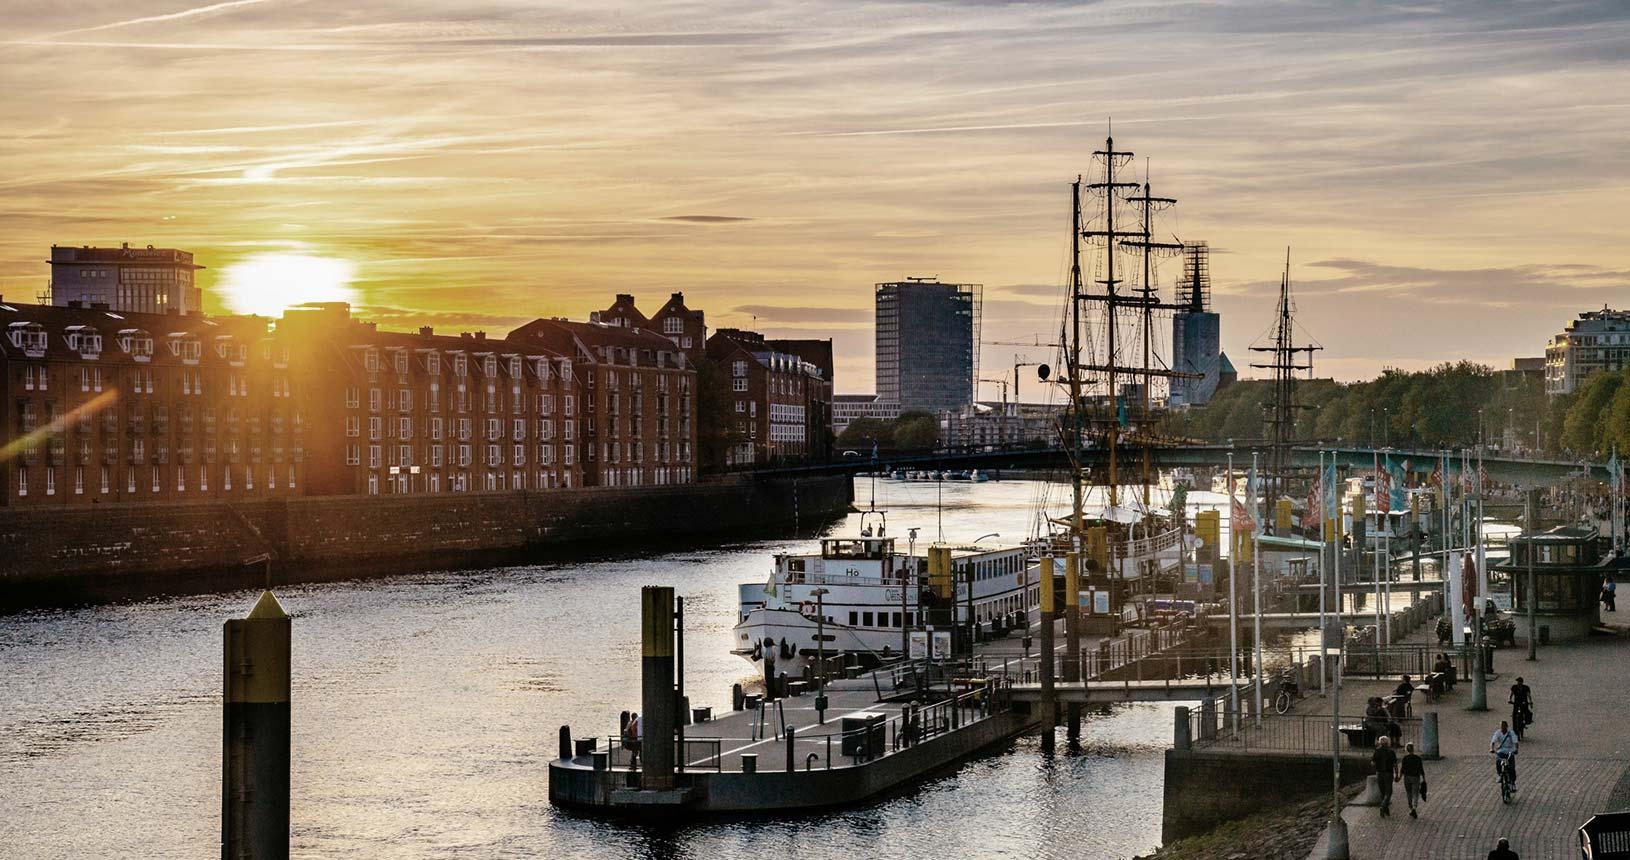 Blick auf die Teerhofinsel an der Weser mit historischem Segler